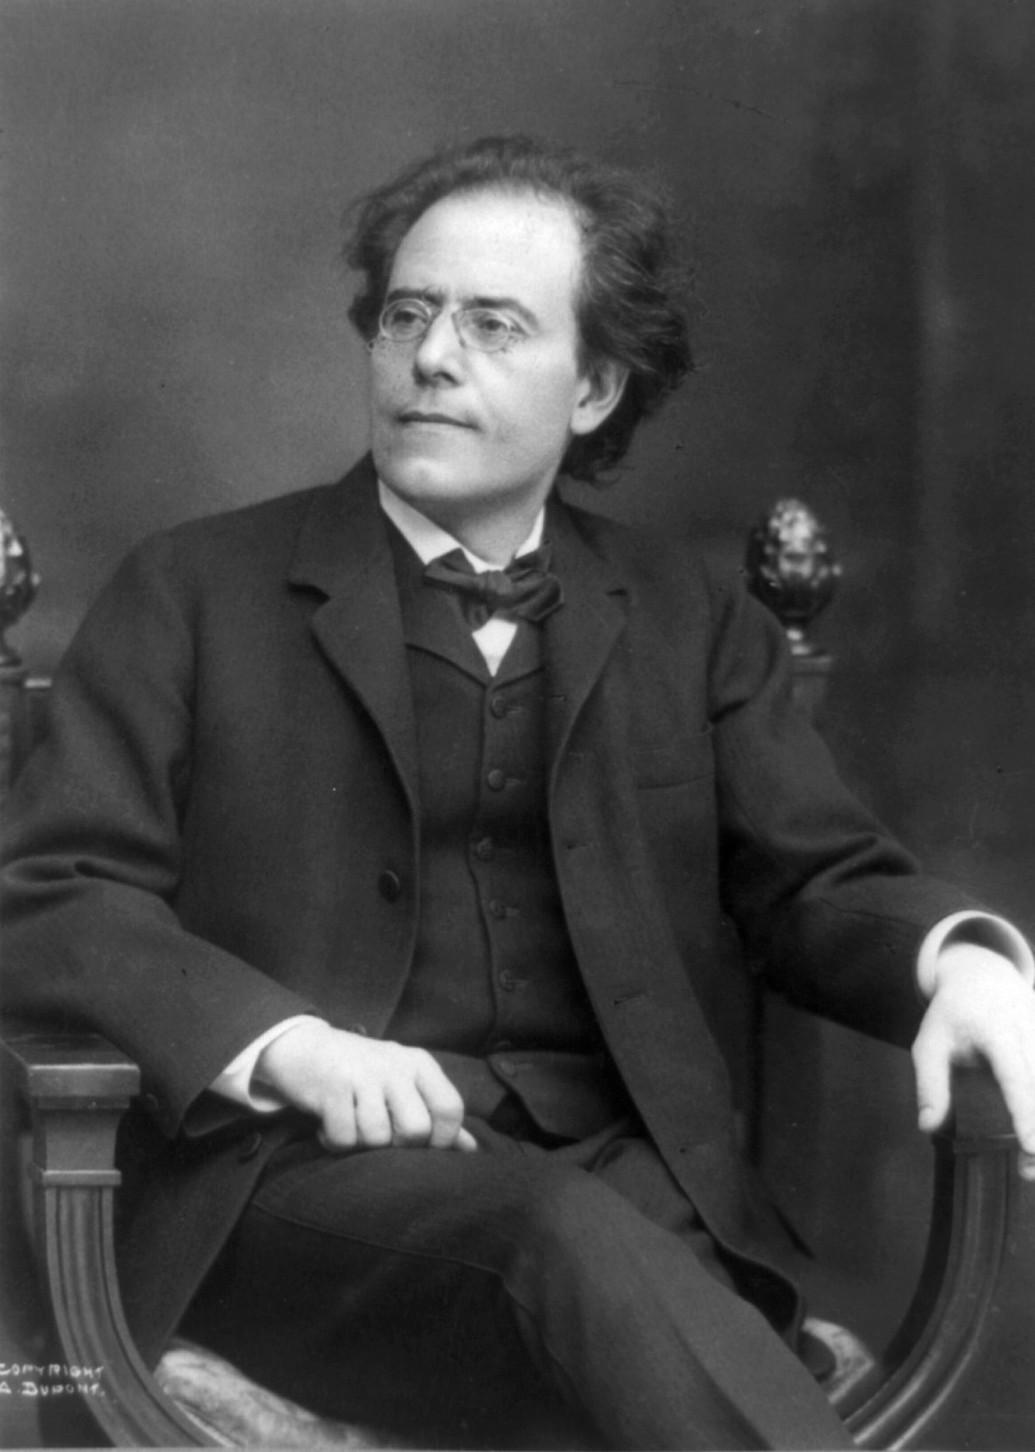 http://upload.wikimedia.org/wikipedia/commons/e/ec/Gustav_Mahler_1909.jpg